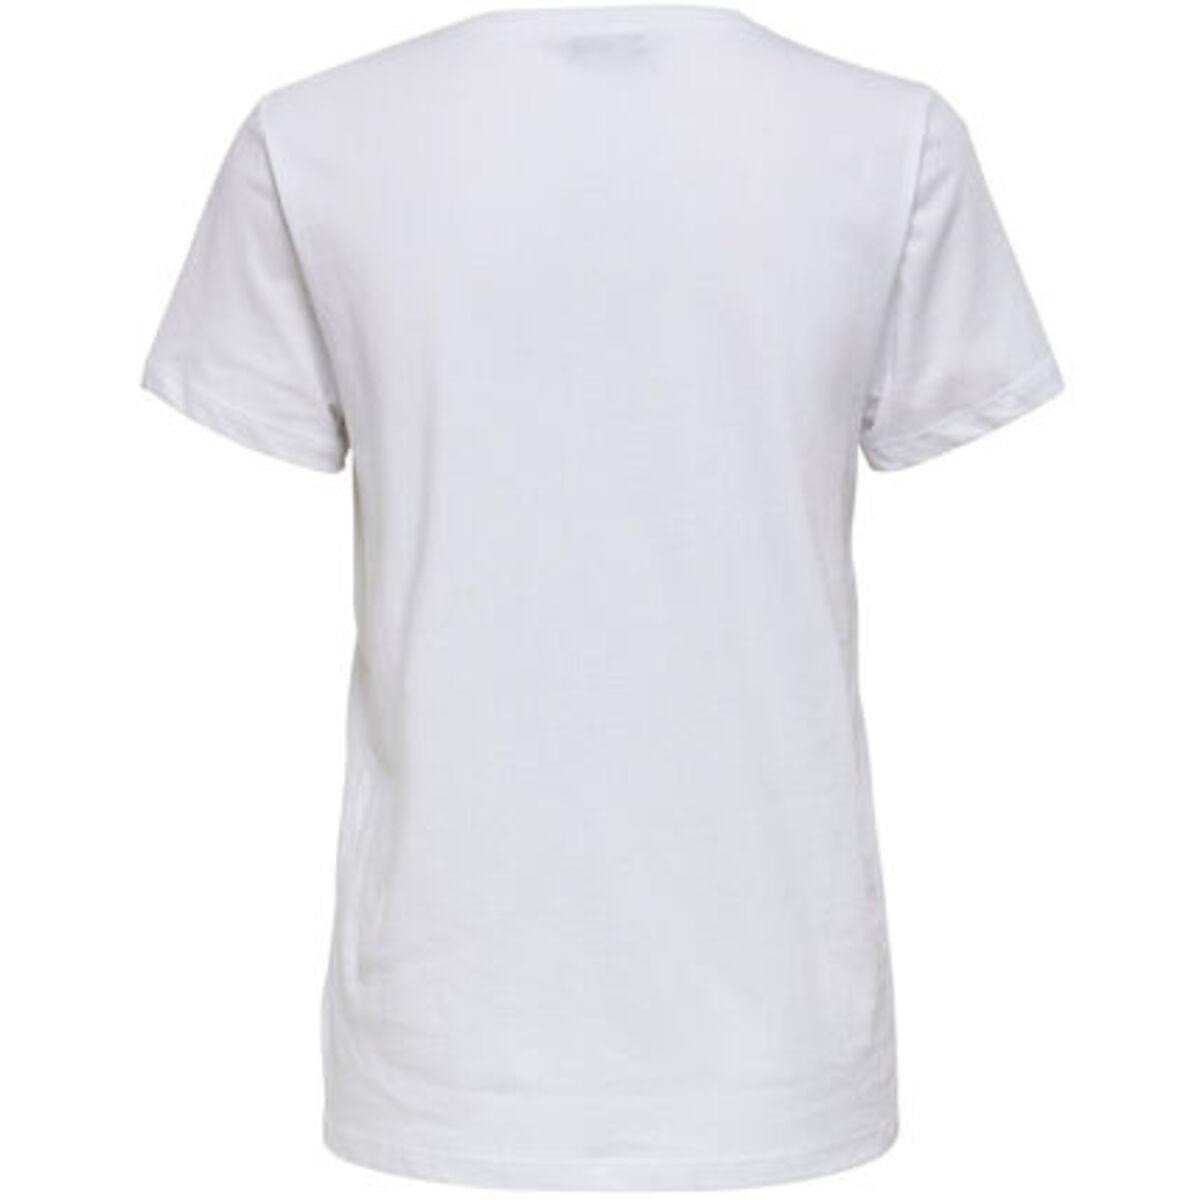 Bild 2 von Only T-Shirt, Print, Rundhals, Kurzarm, für Damen